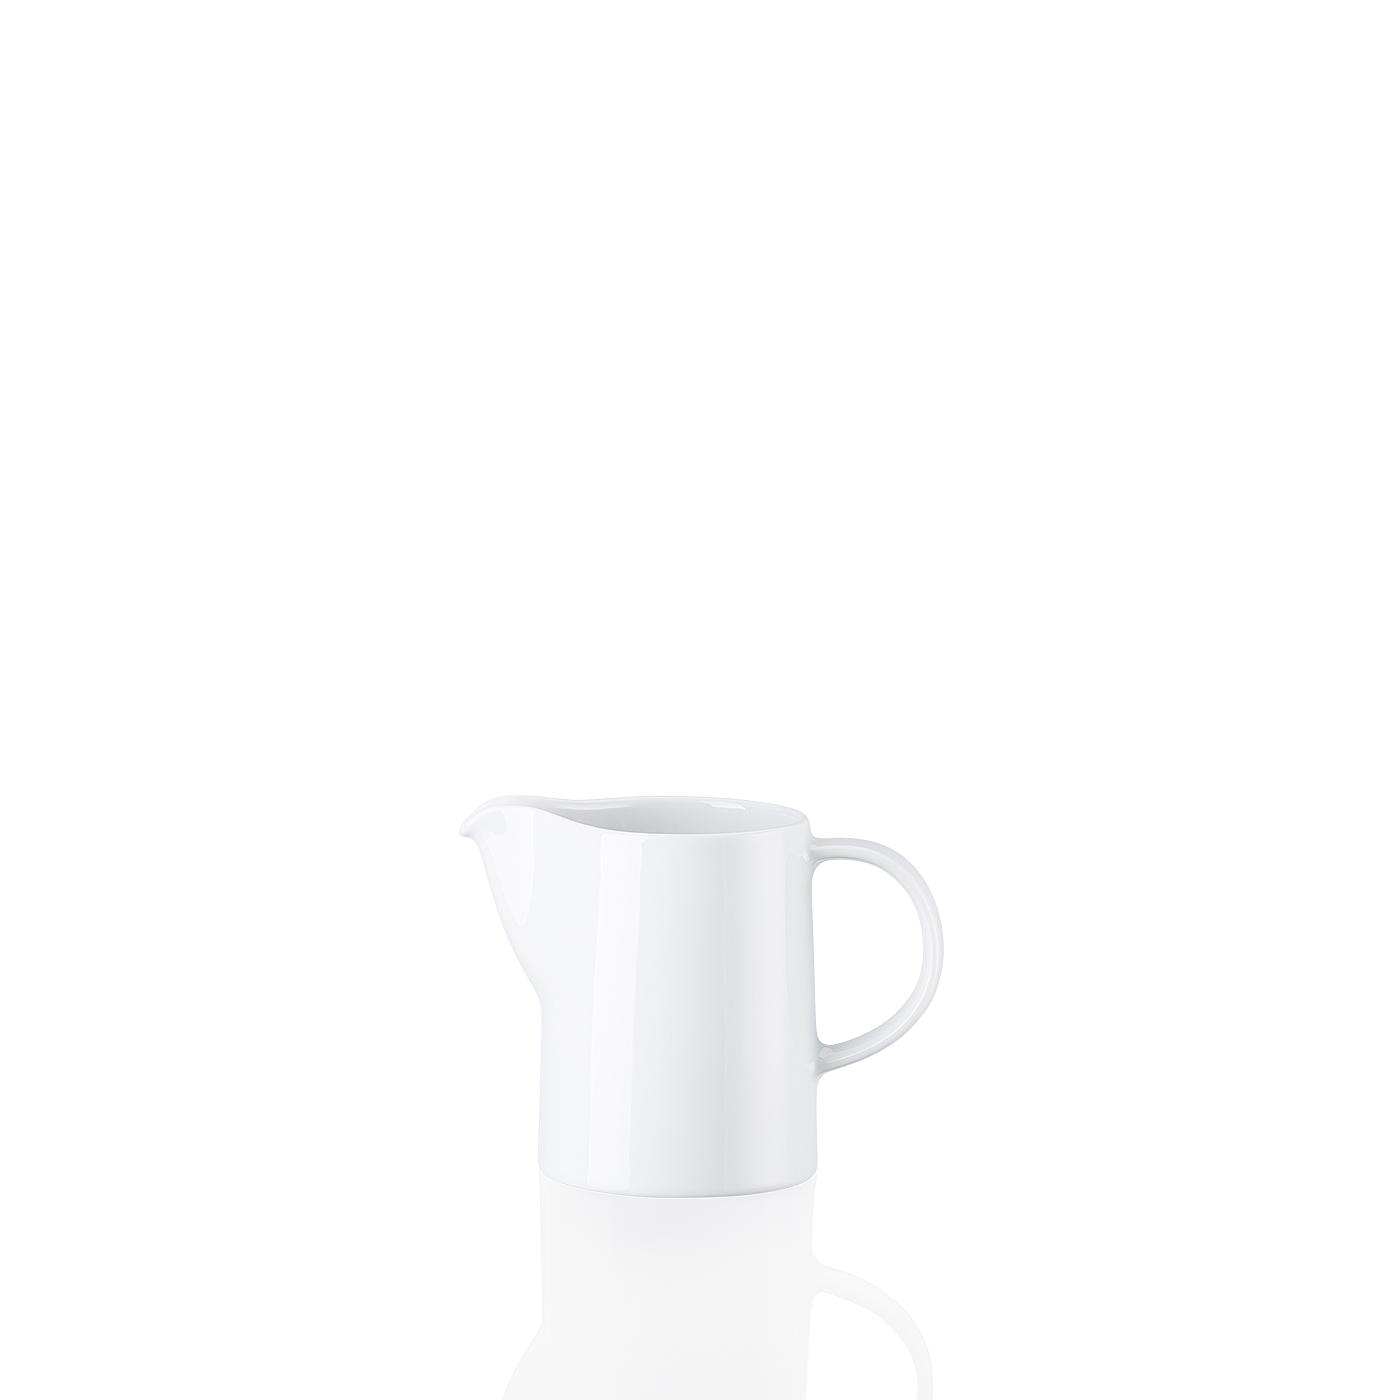 Milchkännchen 6 P. Cucina Bianca Arzberg